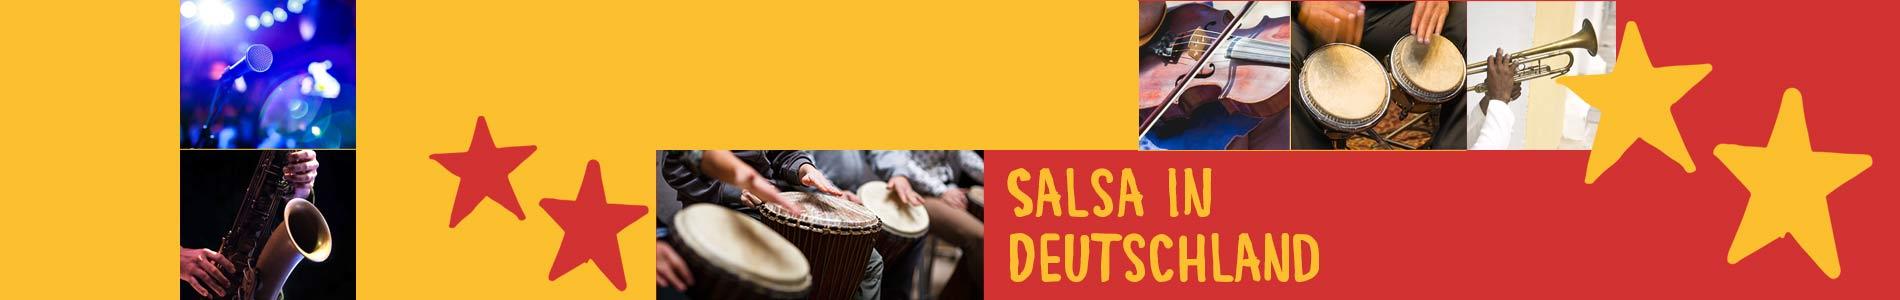 Salsa in Burgschwalbach – Salsa lernen und tanzen, Tanzkurse, Partys, Veranstaltungen